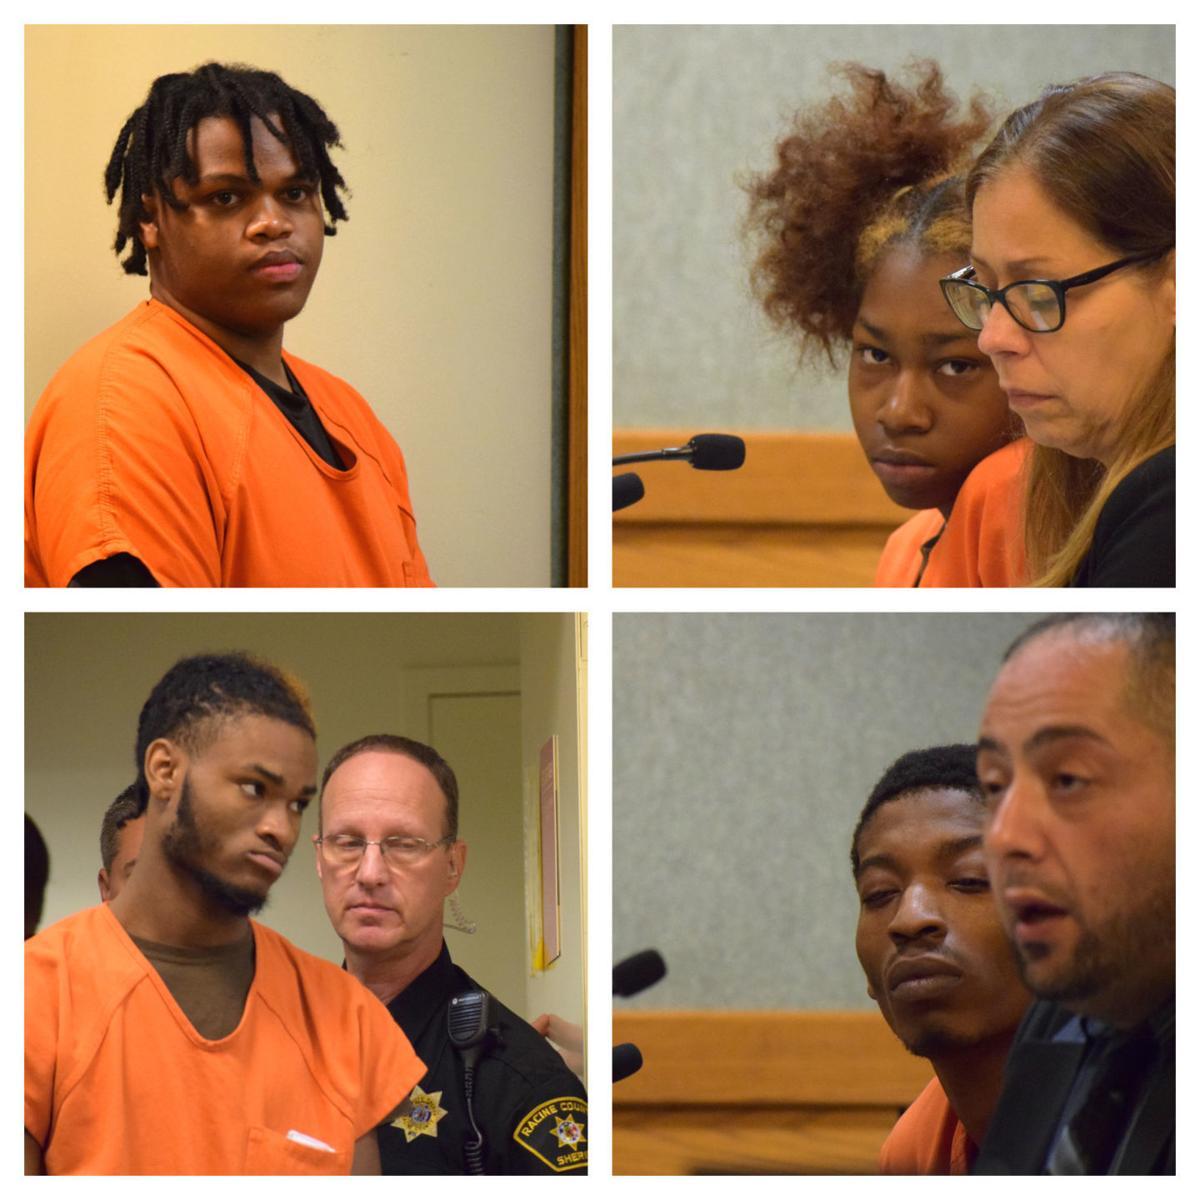 Wells Fargo suspects